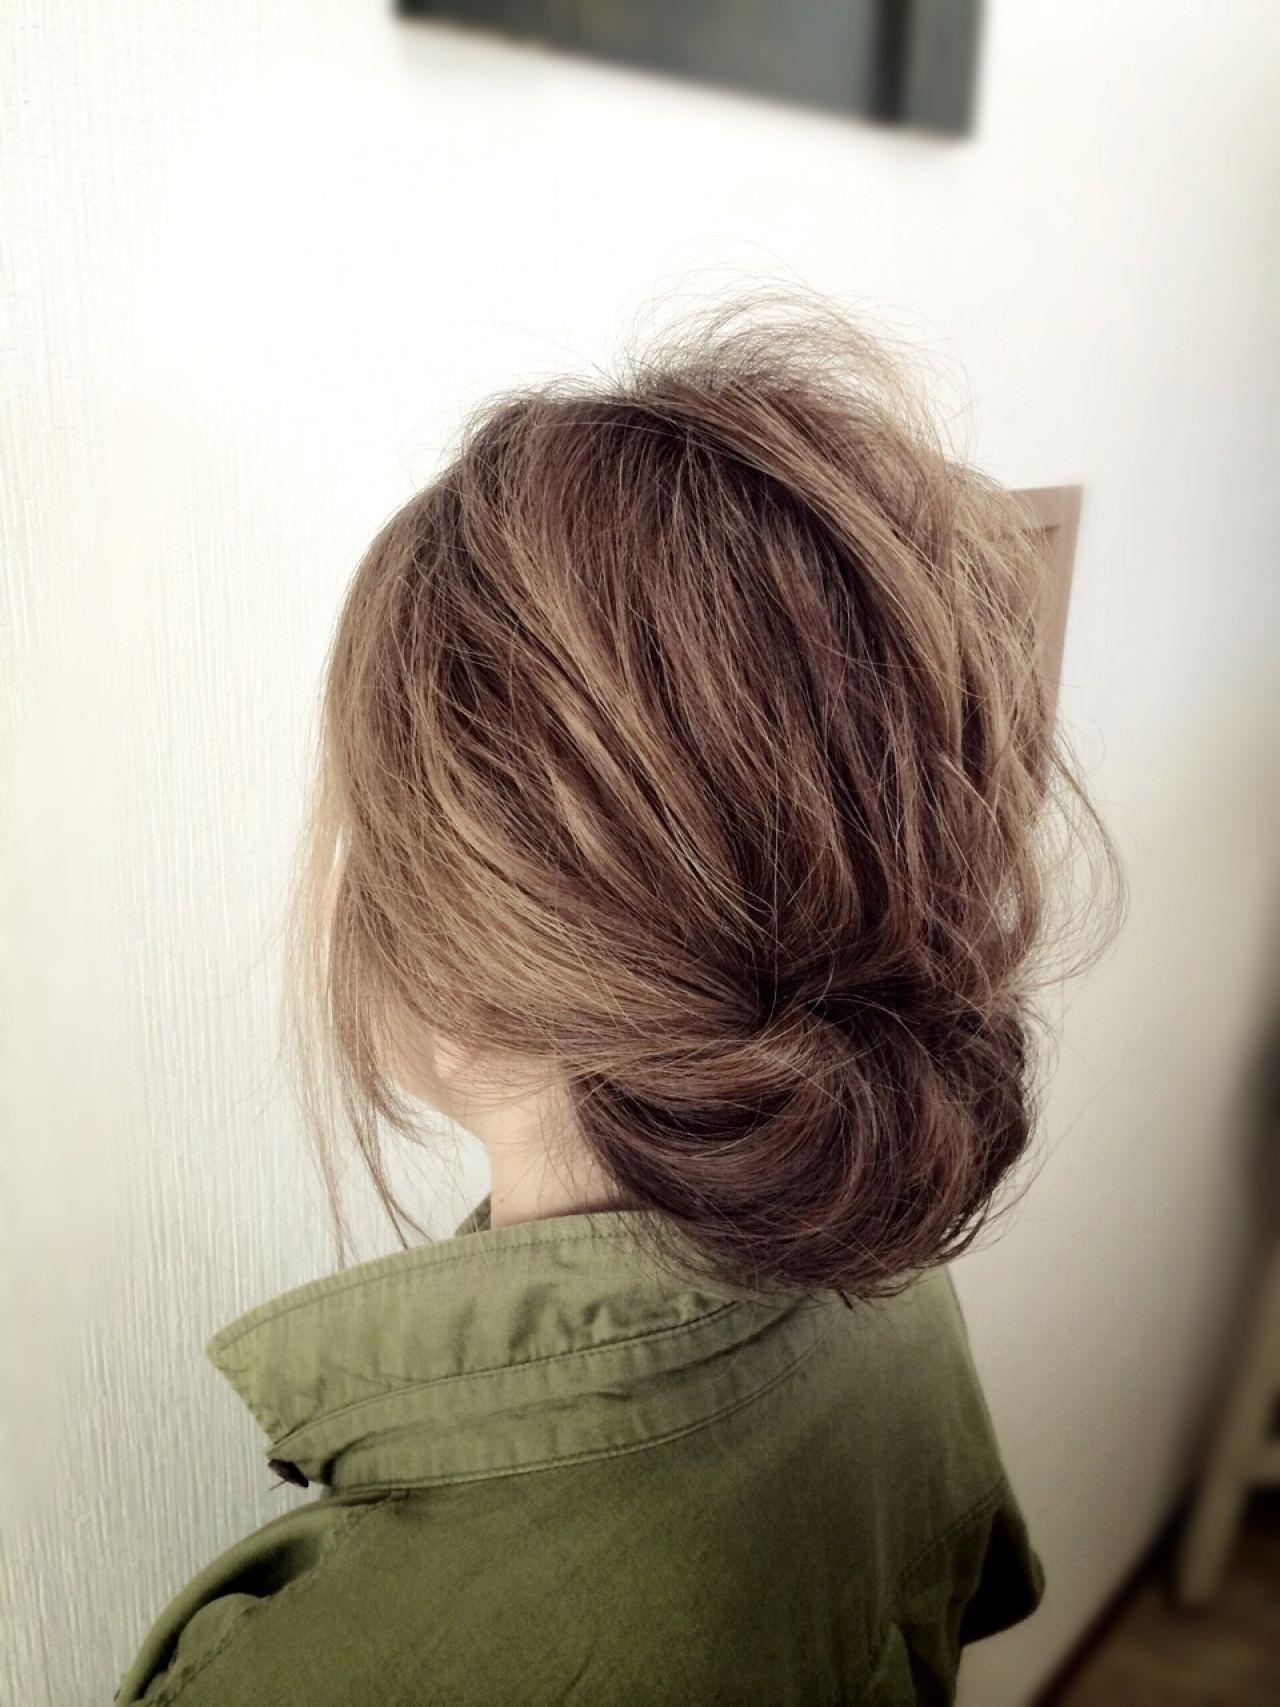 「黒髪ボブアレンジ シニヨン」の画像検索結果